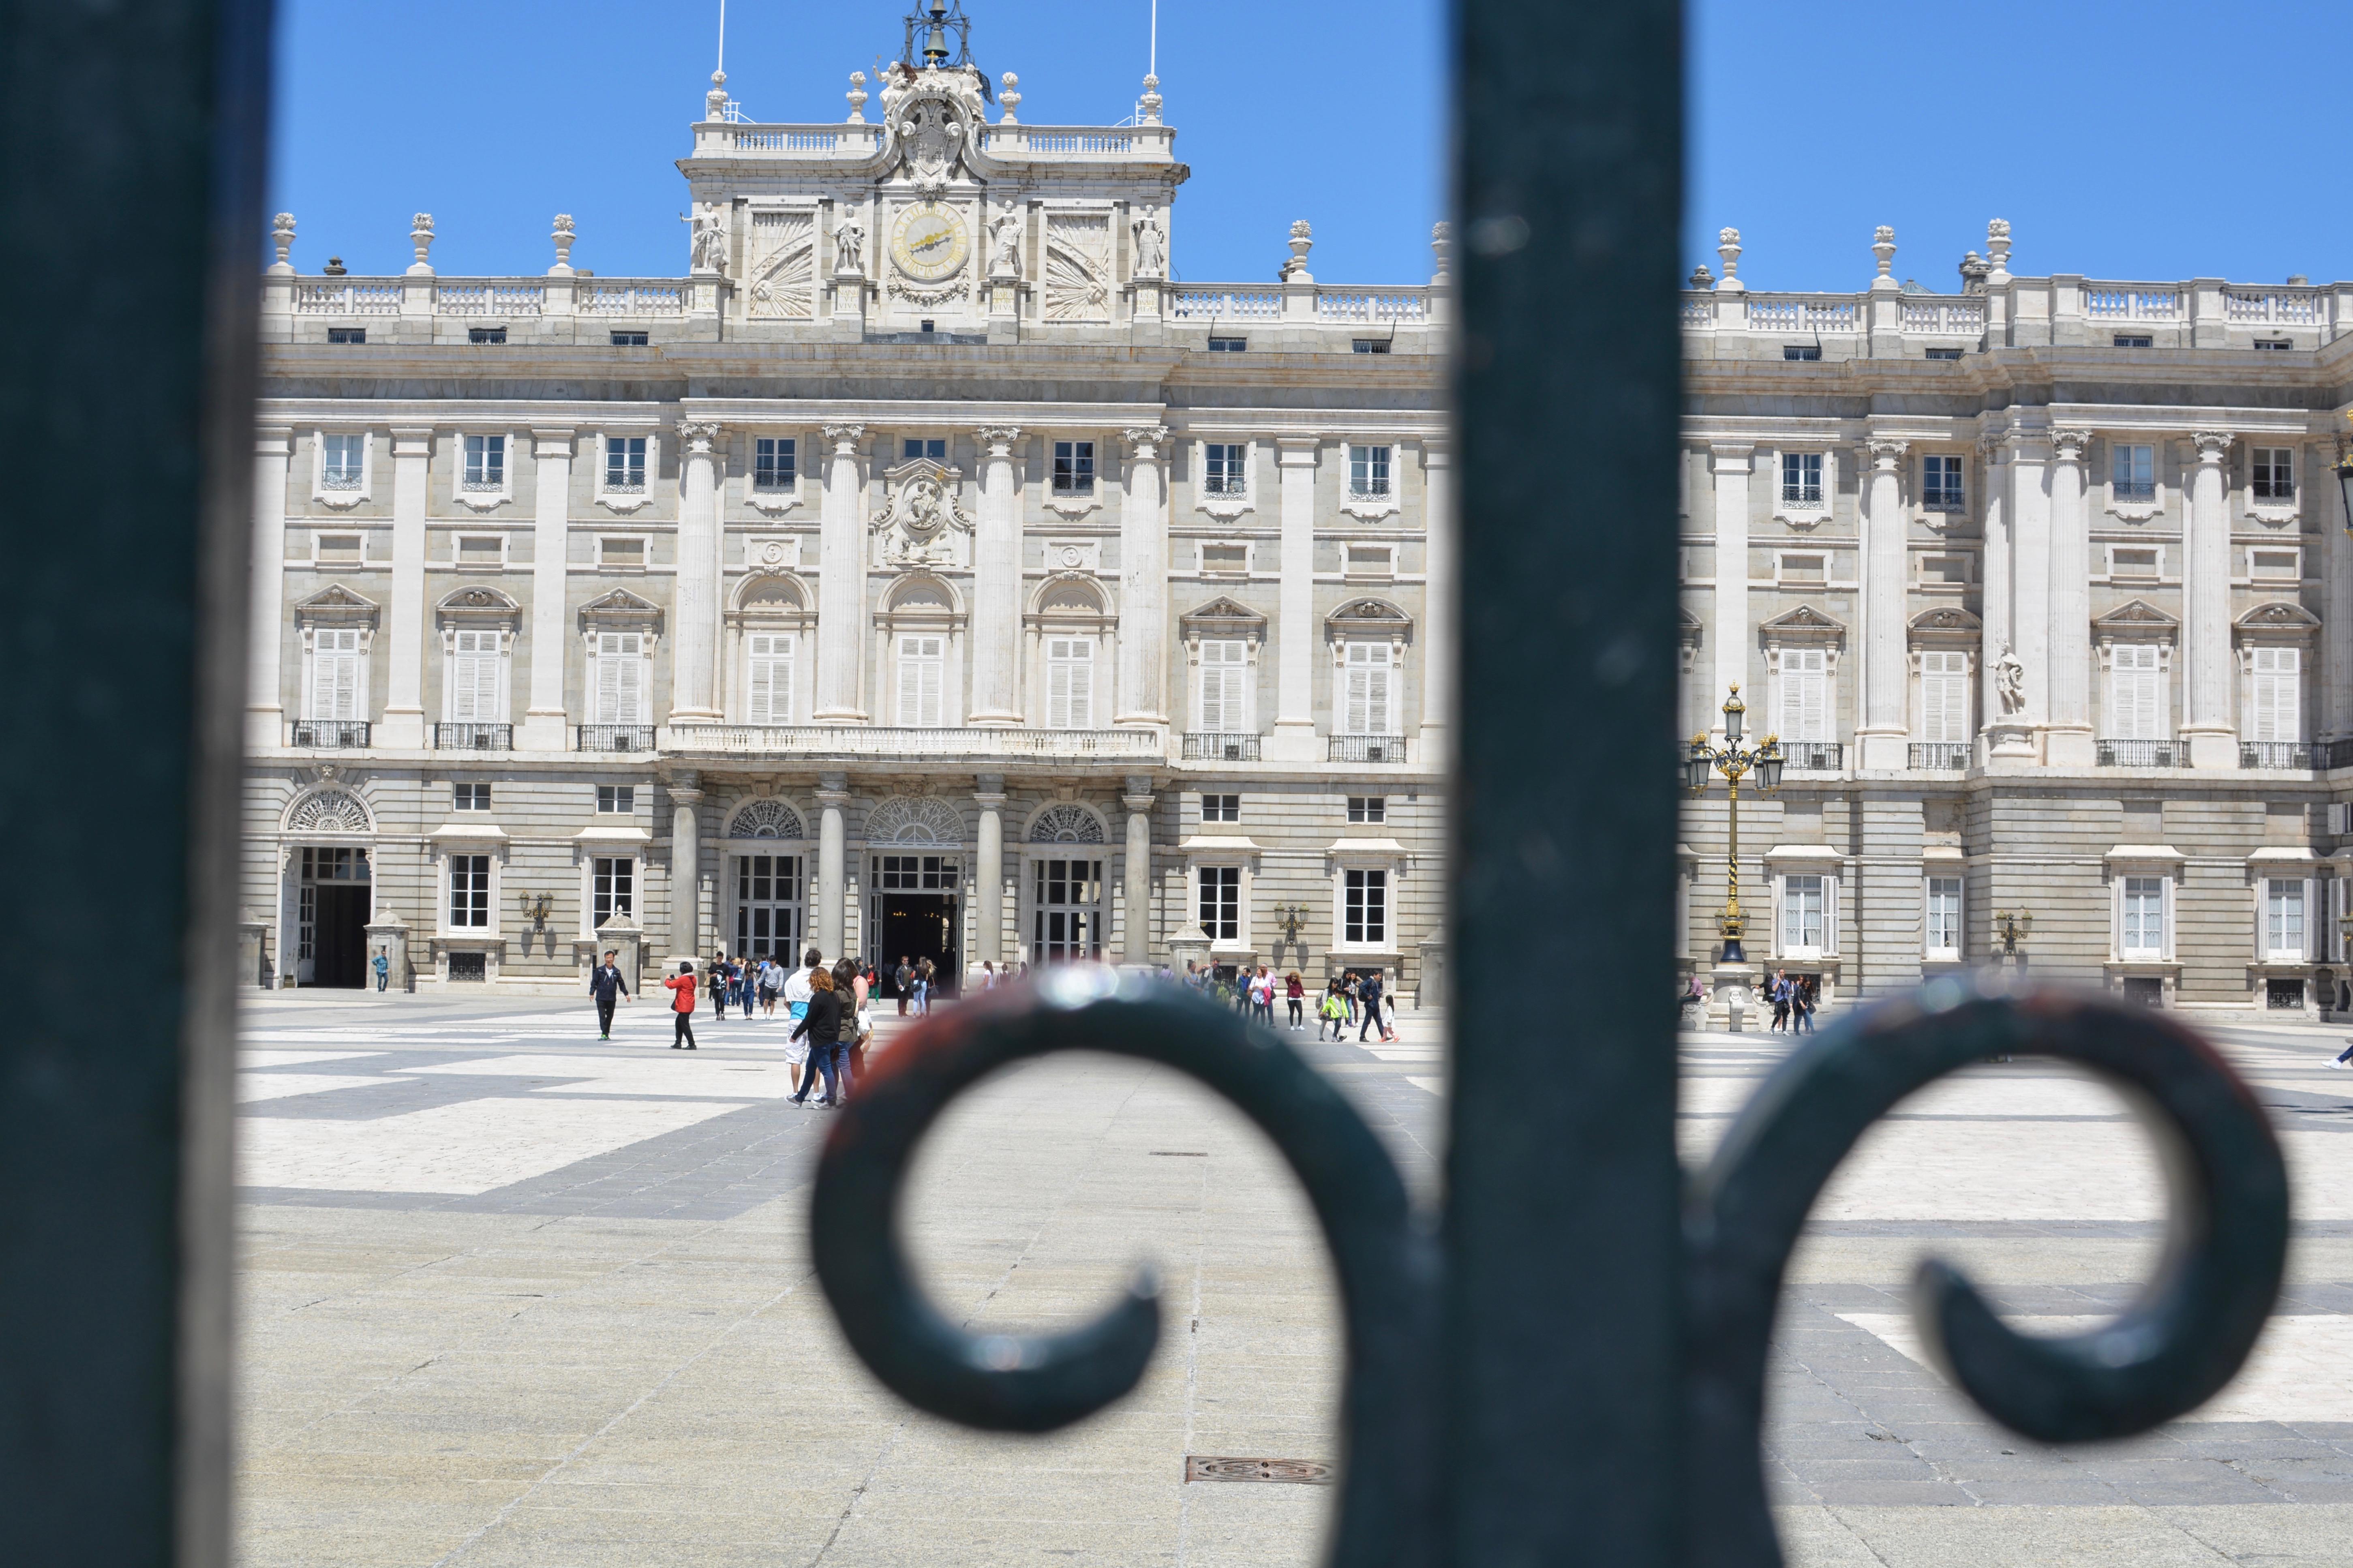 Proctor en Segovia explores Madrid